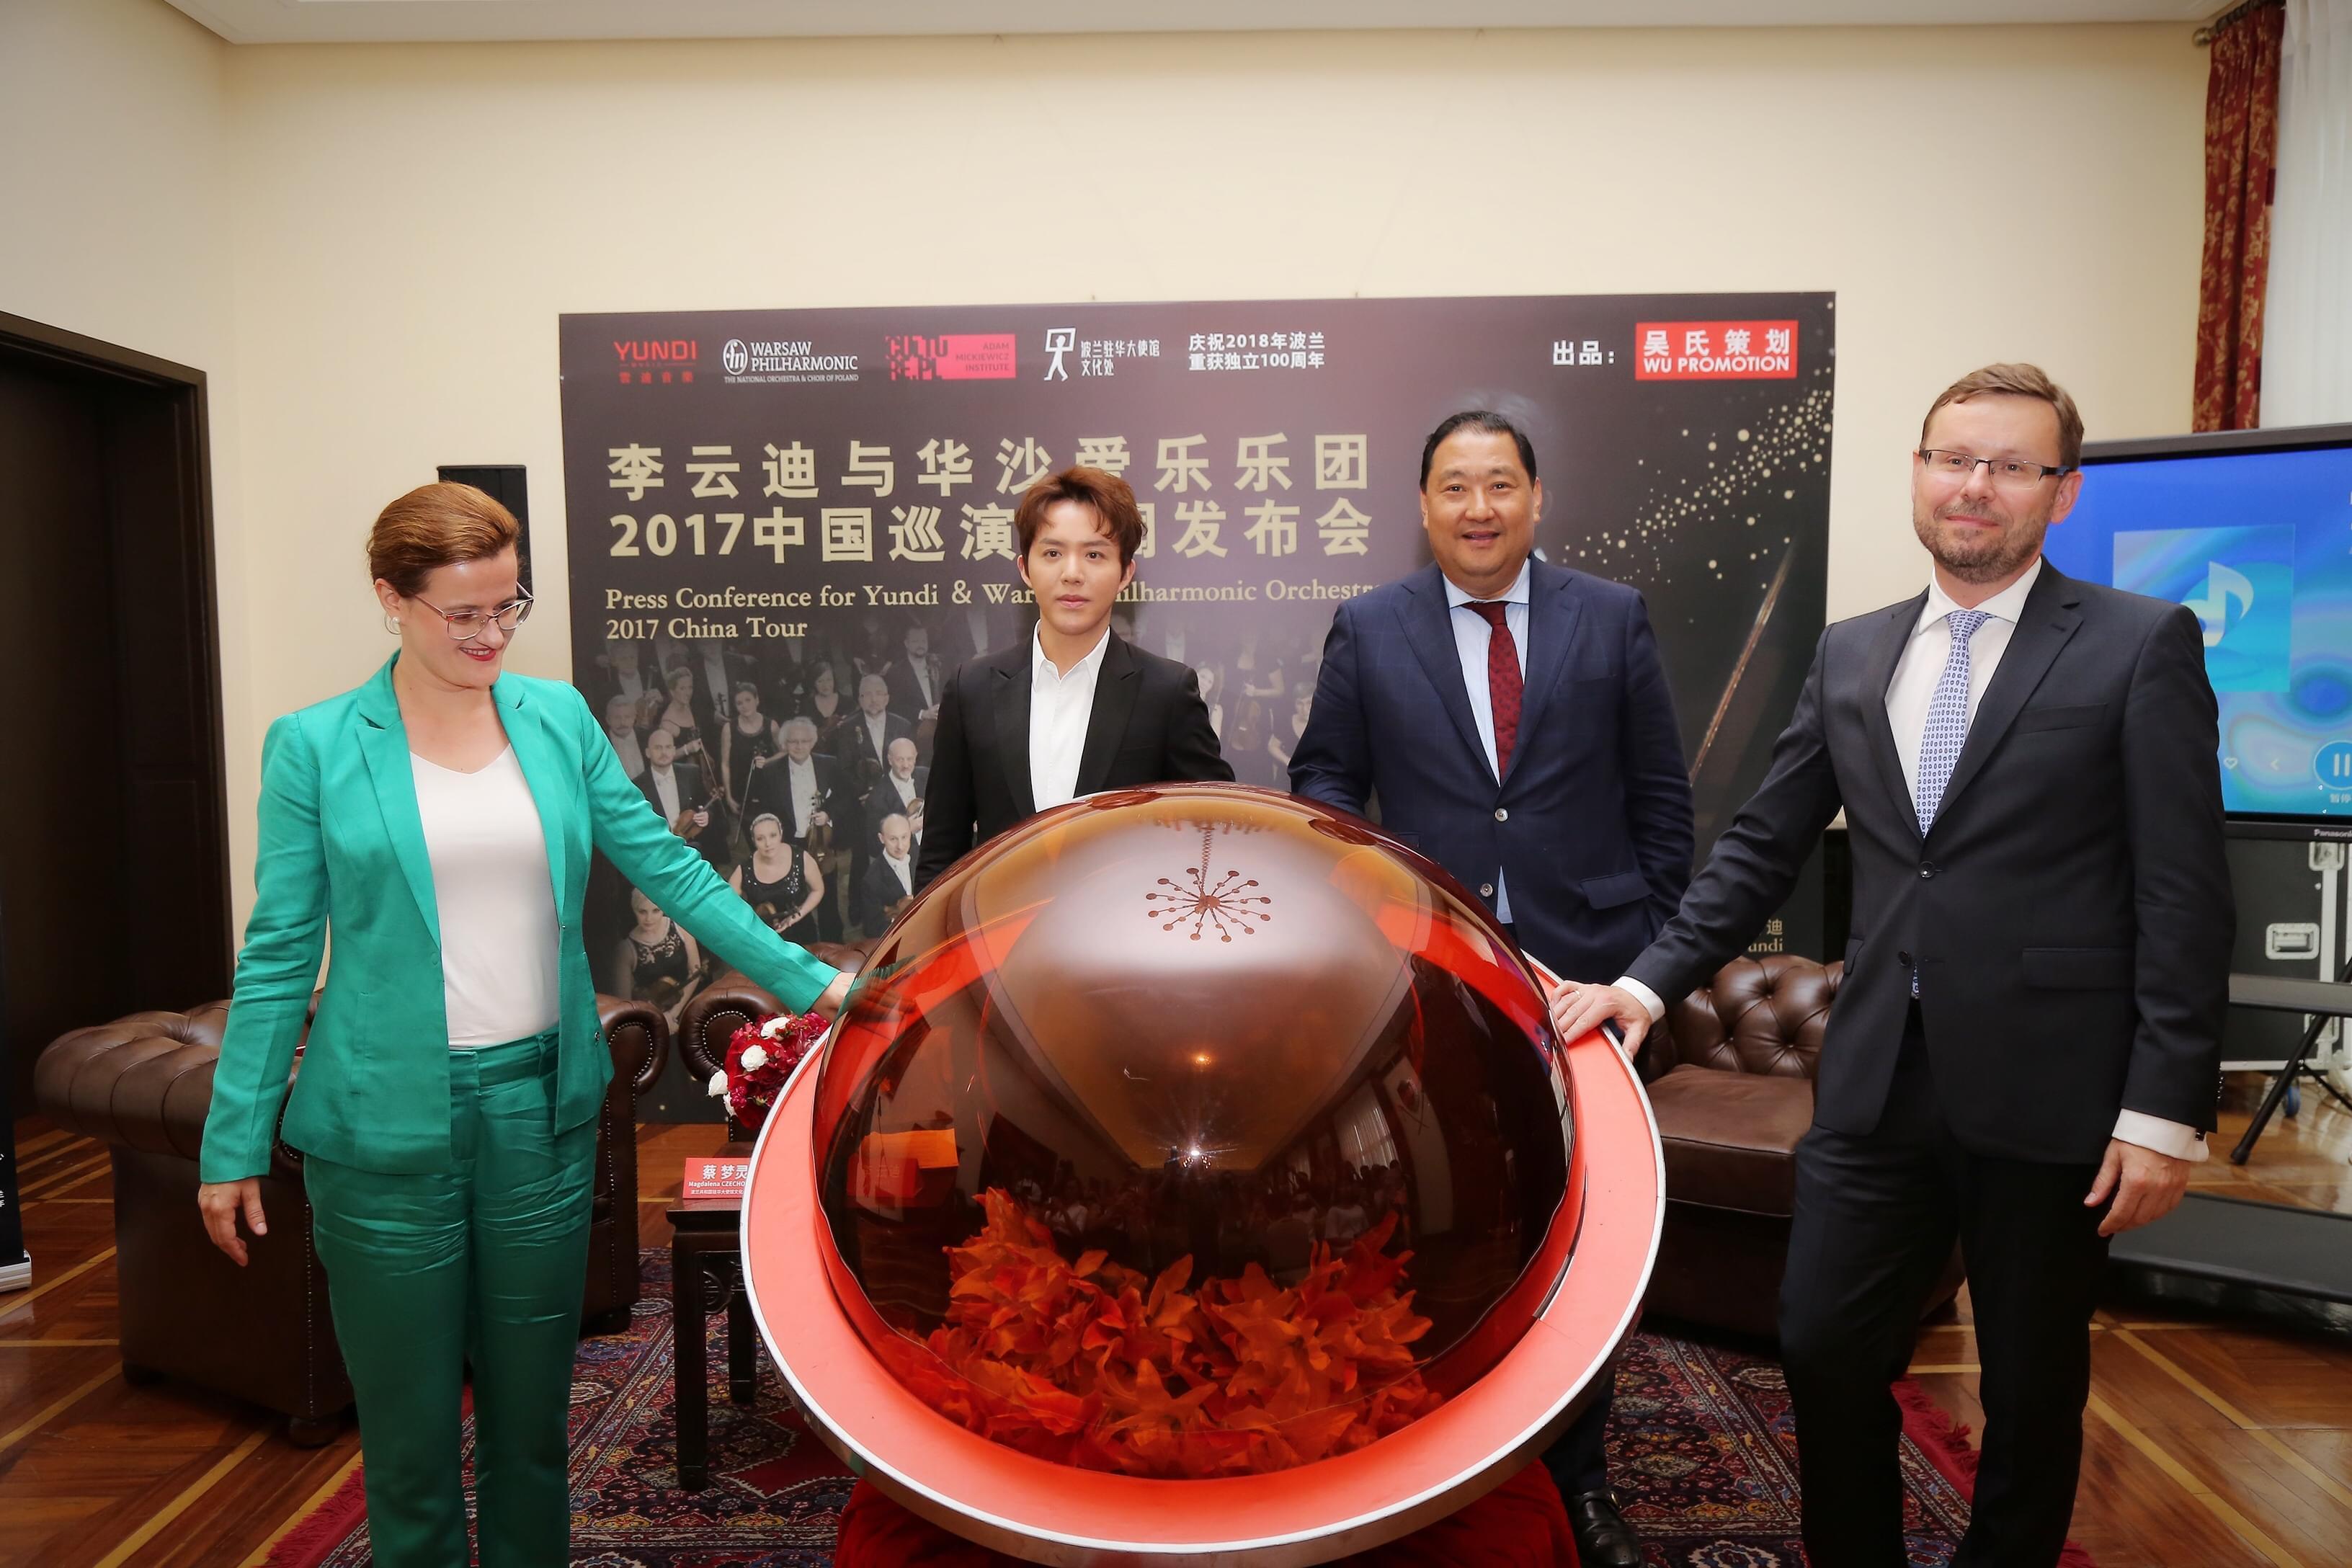 李云迪与华沙爱乐乐团2017中国巡演在京启动